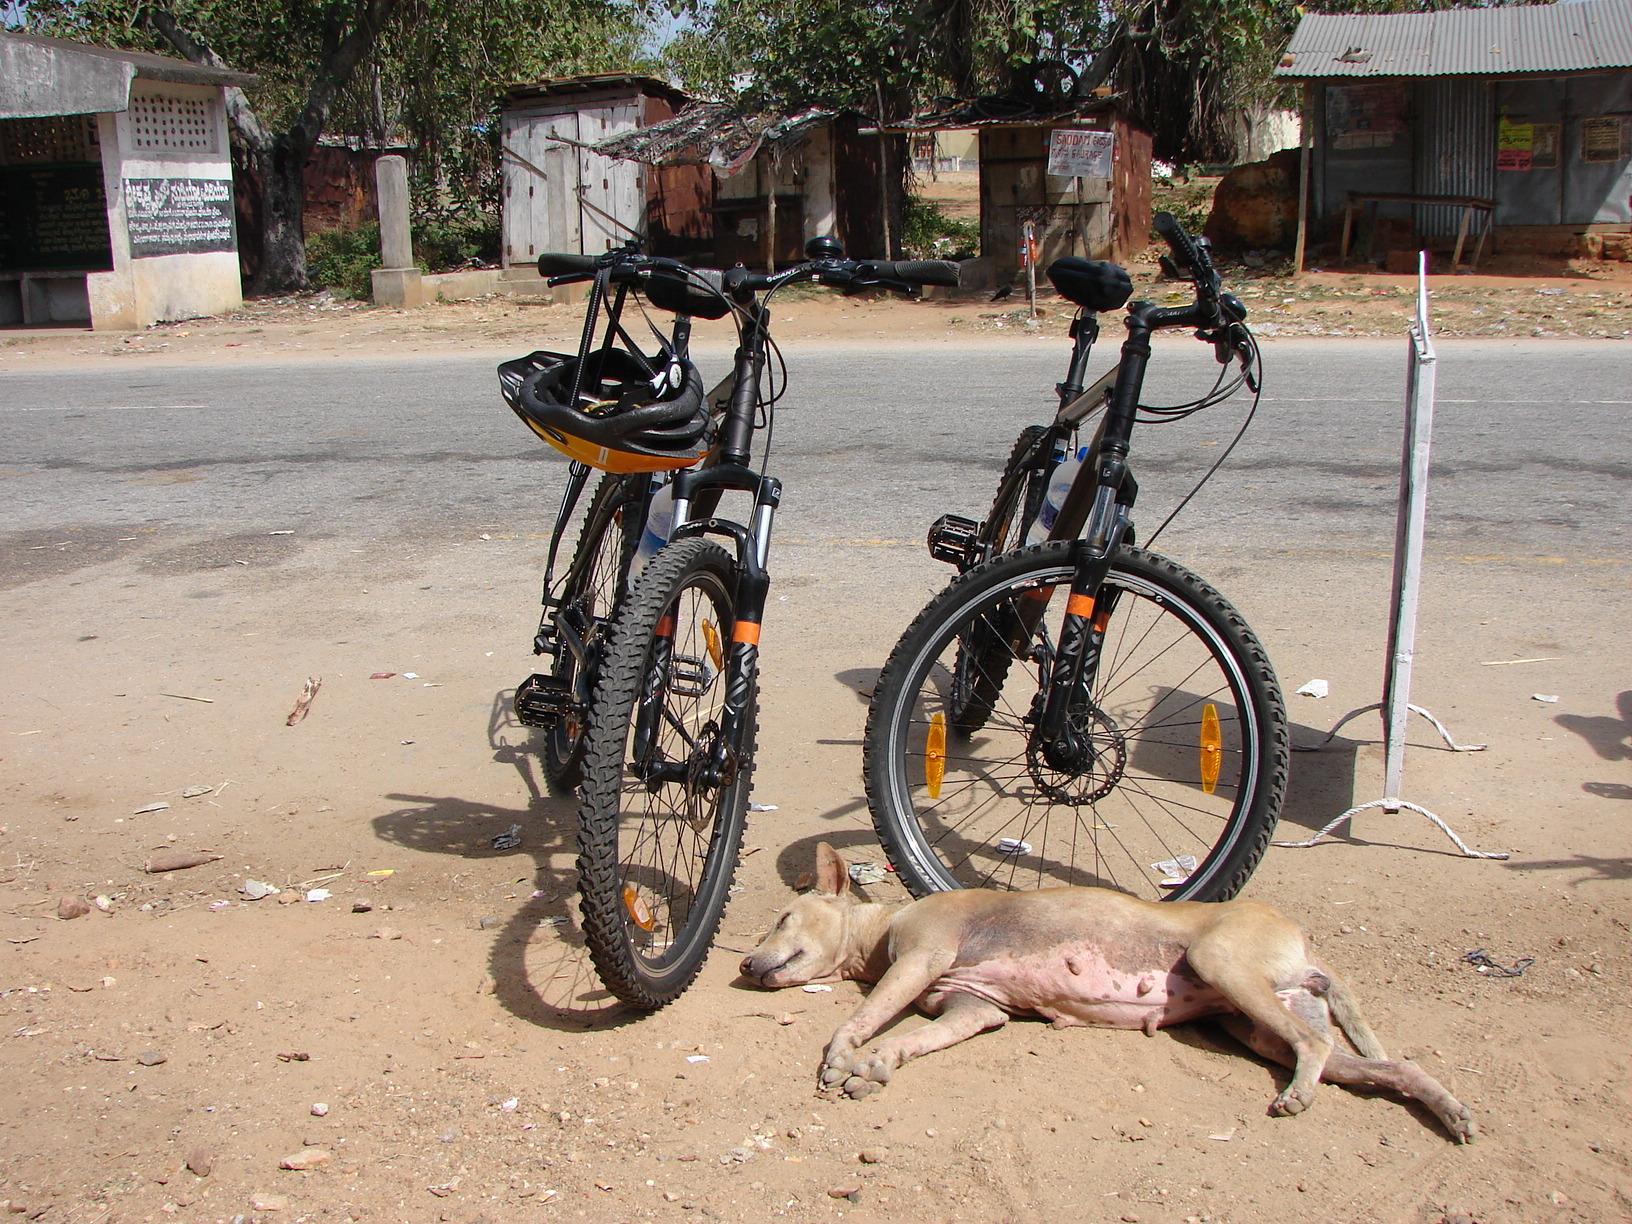 Hund ruht sich vor unseren Fahrrädern aus